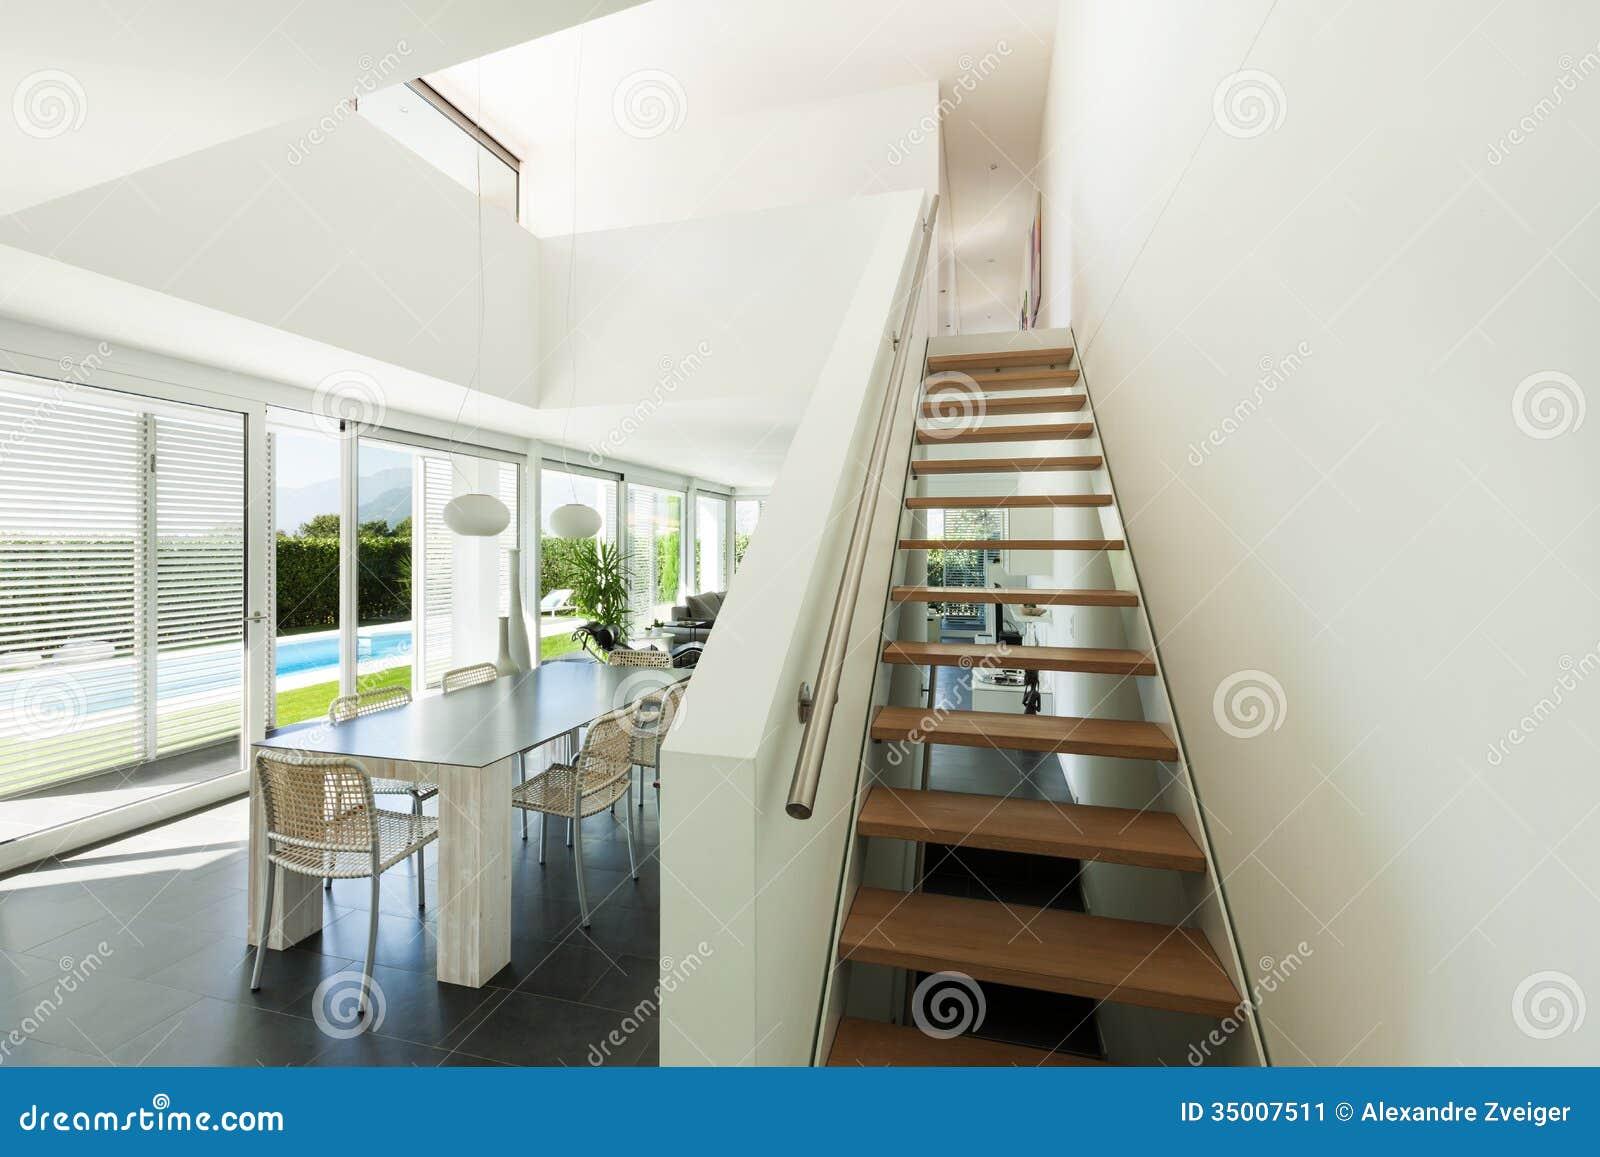 Modernes Landhaus, Innen Stockbild - Bild: 35007511